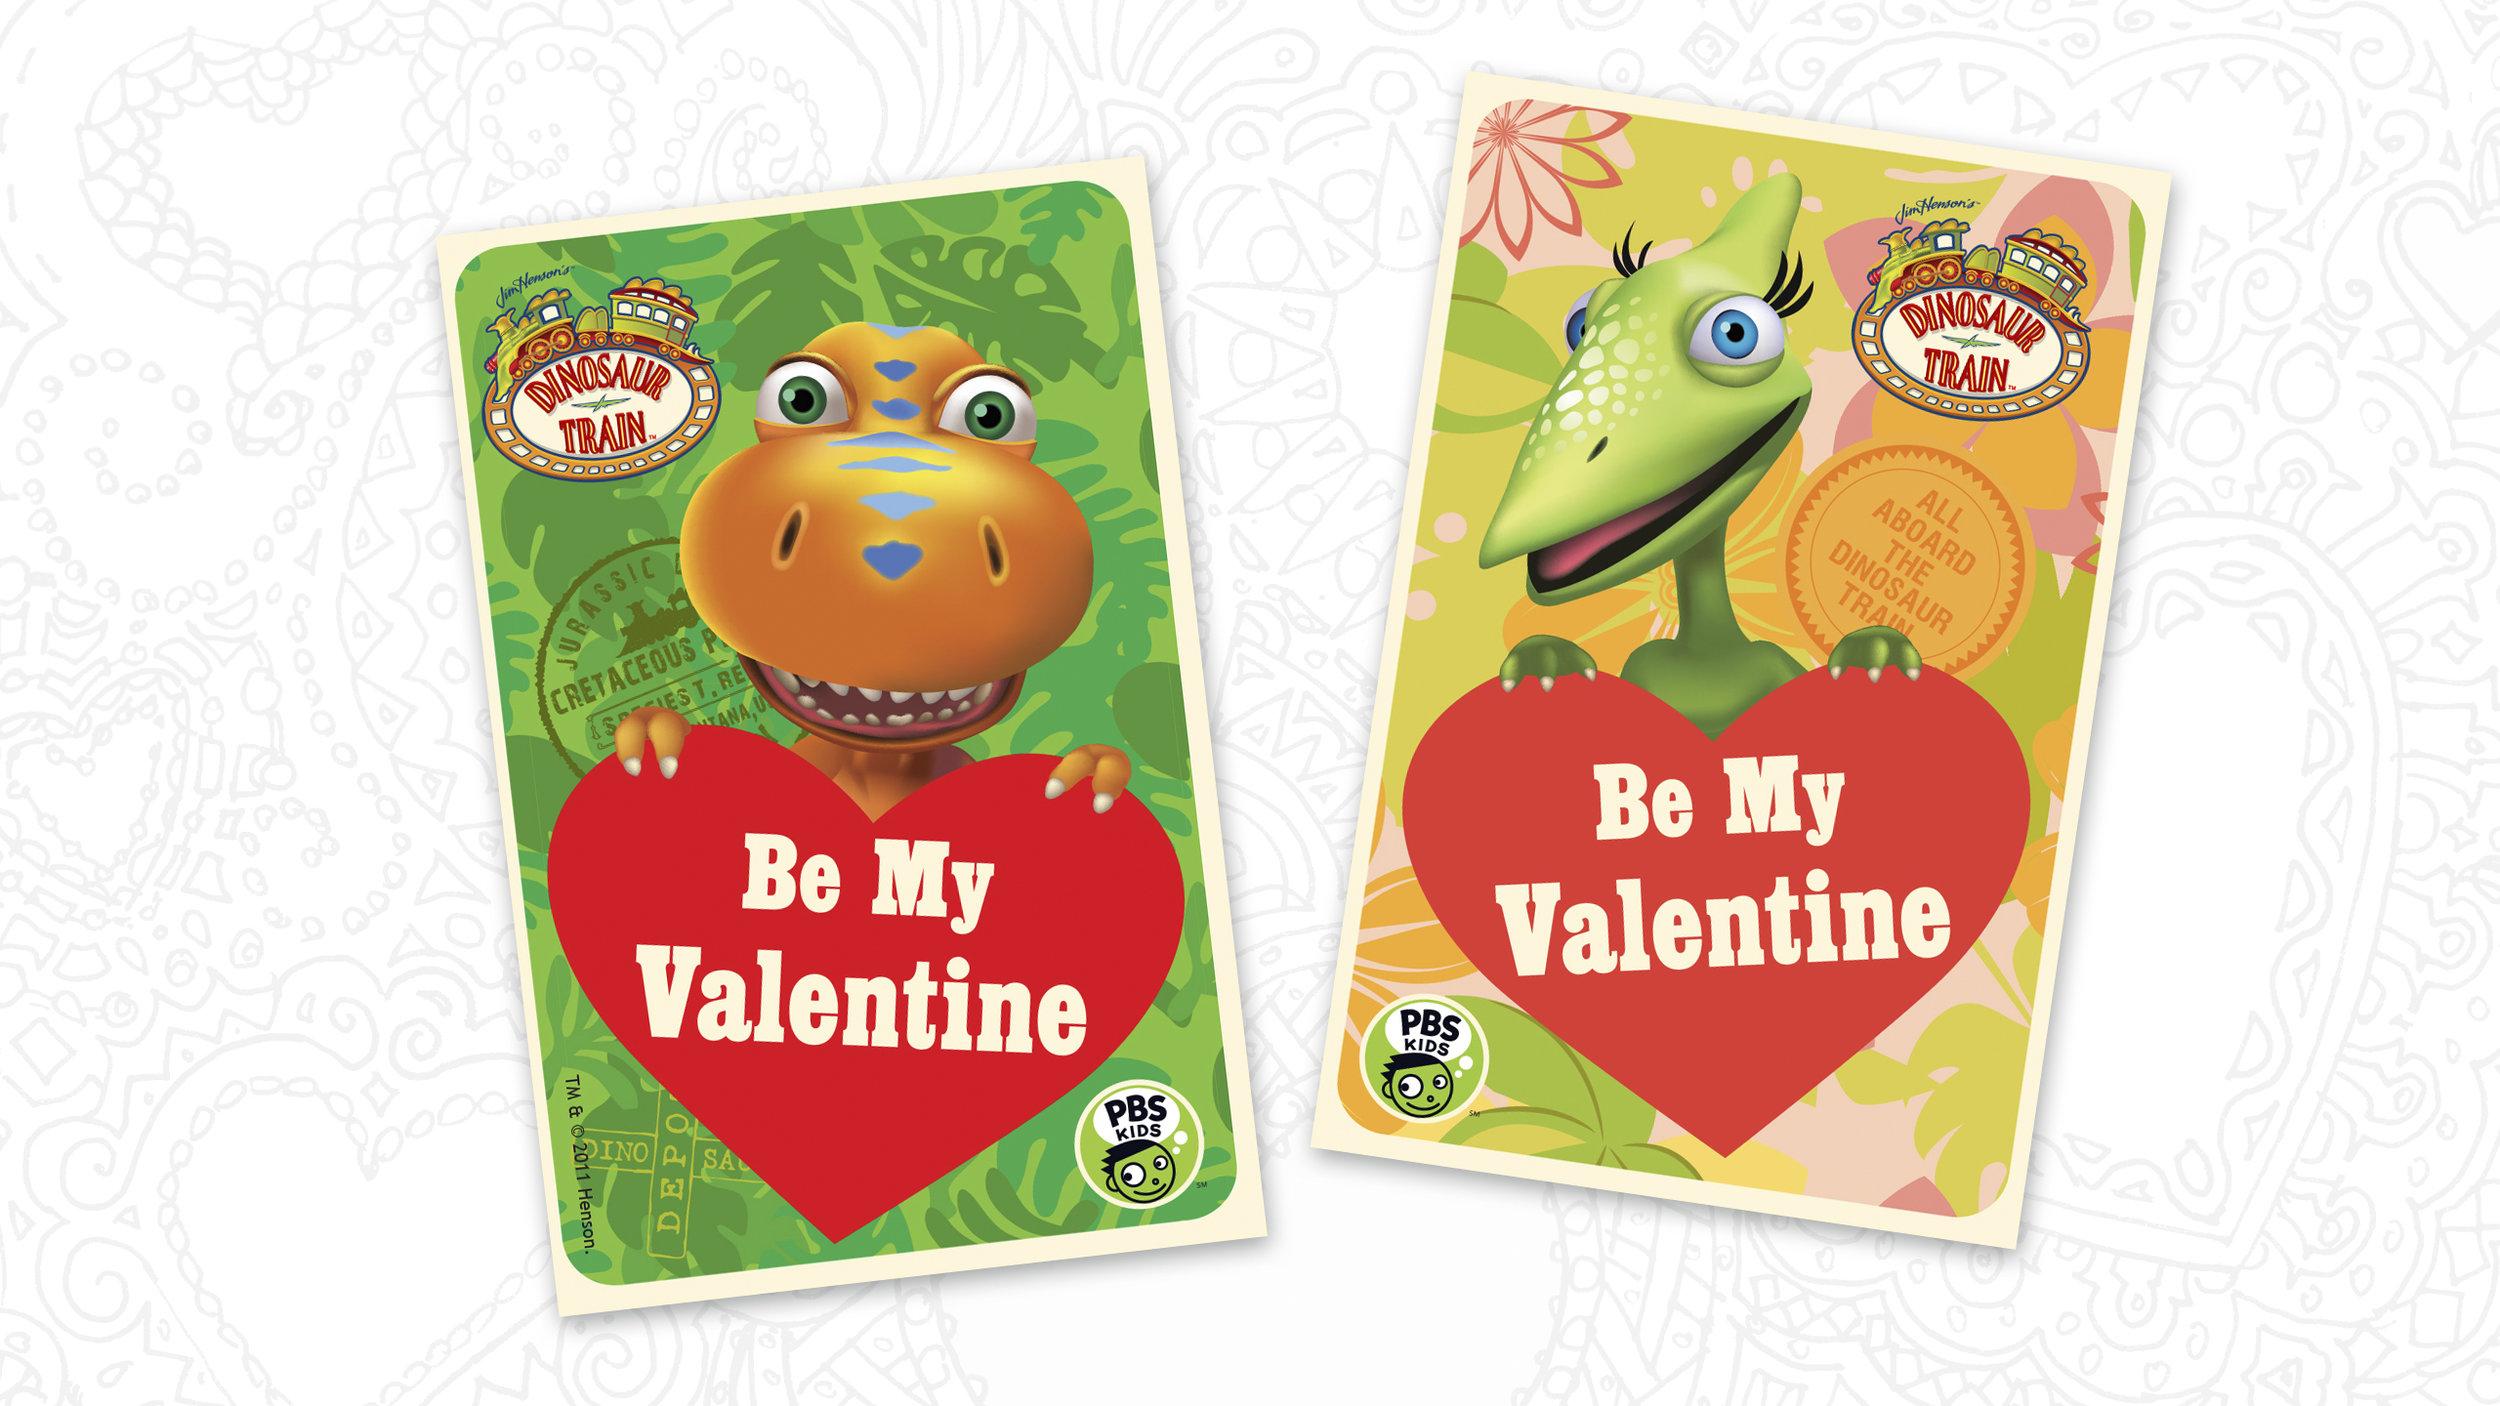 ValentineHeros_DT.jpg